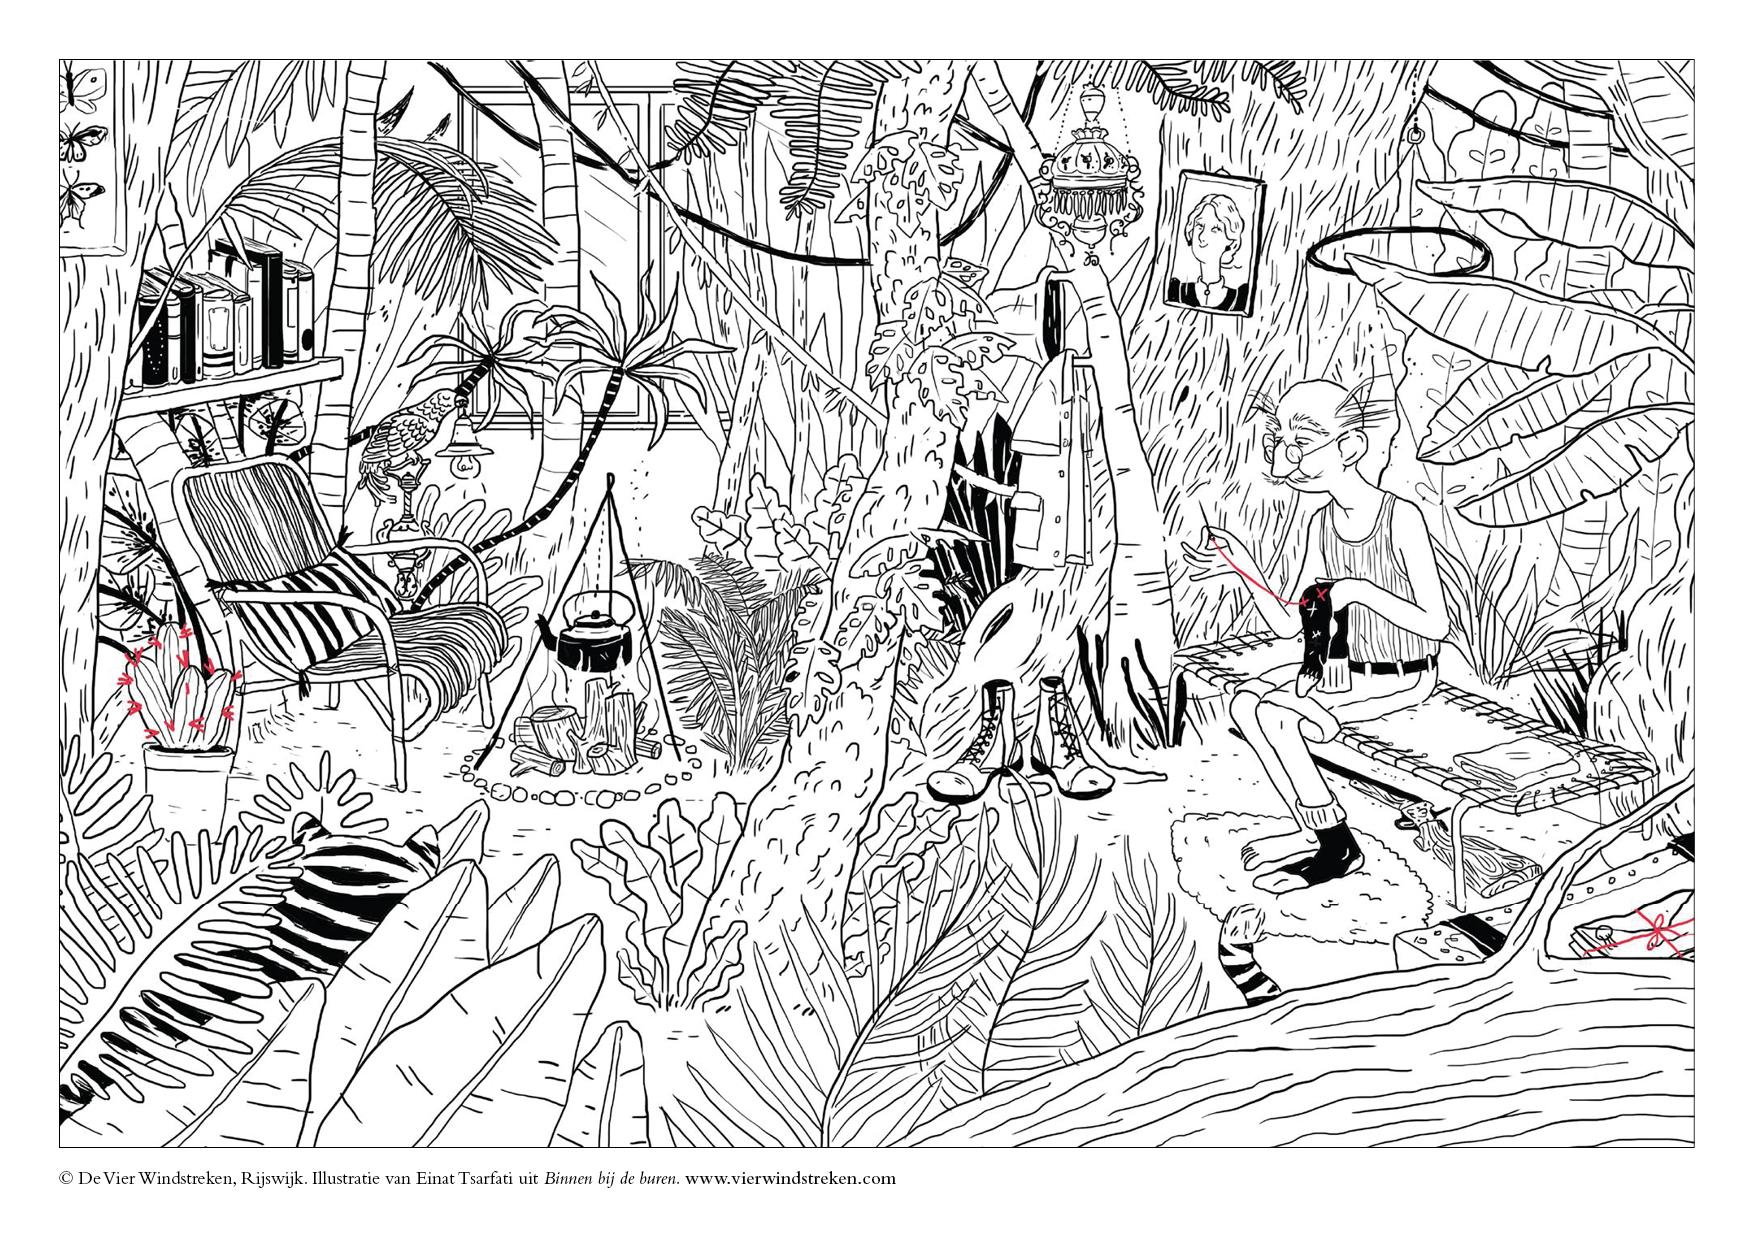 Kleurplaat Binnen bij de buren - Jungle